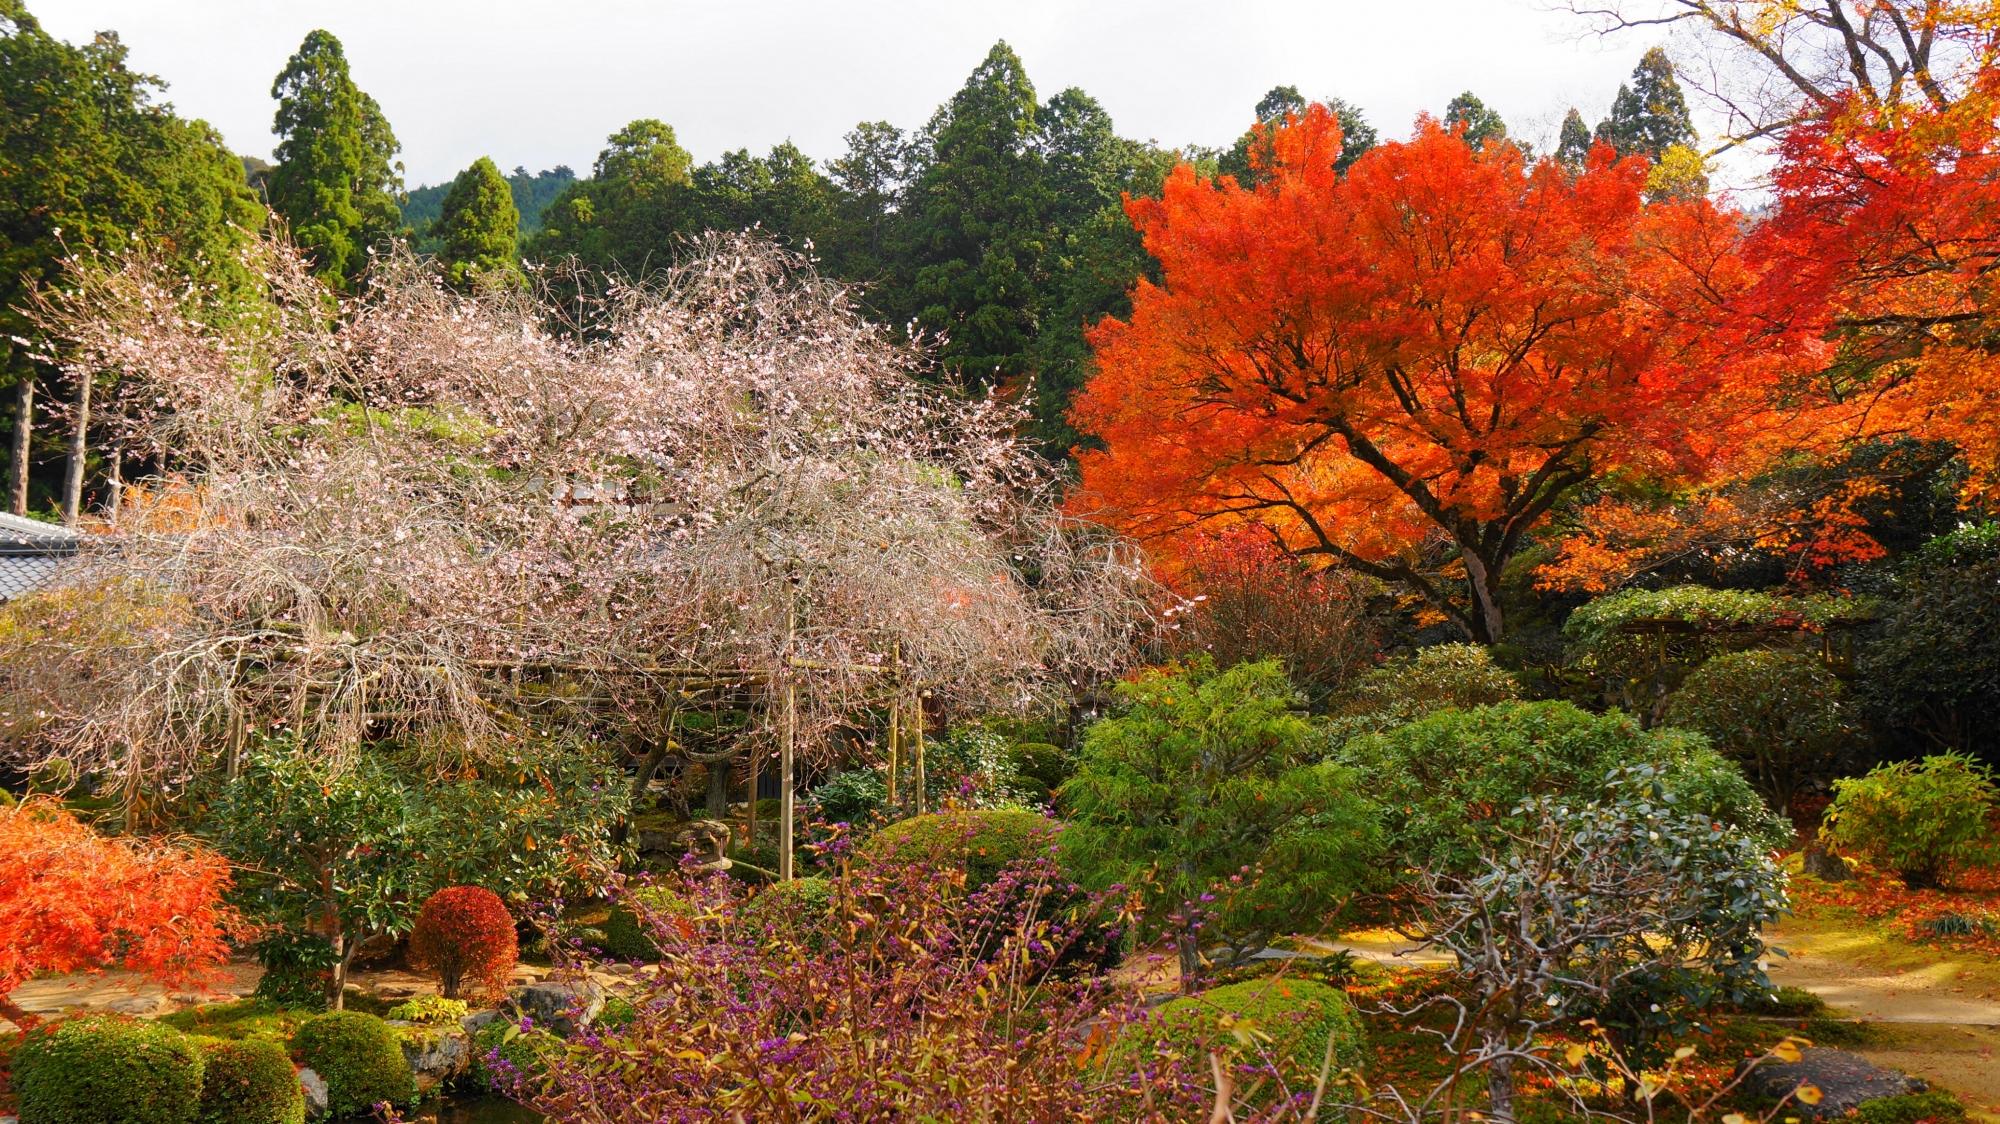 実光院 紅葉と不断桜 紅葉と桜を一緒に楽しめるお寺